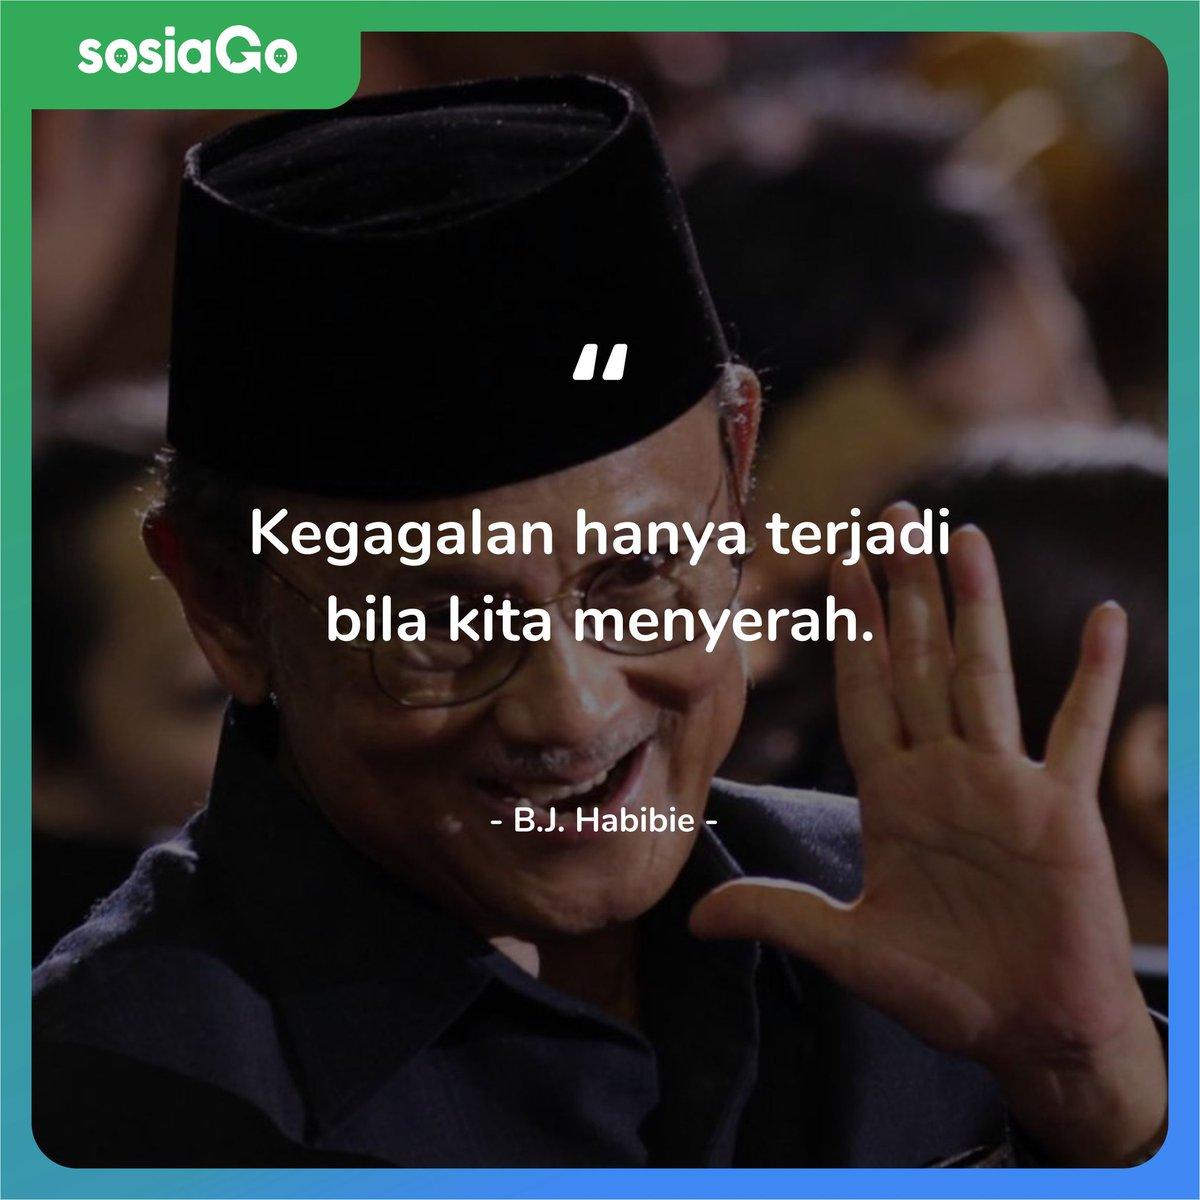 Salah satu putra terbaik bangsa Indonesia telah meninggalkan kita bulan lalu. Tapi, peninggalannya masih bisa kita rasakan sampai sekarang. Salah satunya adalah quotenya yang bersejarah 🇮🇩.#bjhabibie #quotes #janganmenyerah #motivationalquotes #motivasi #ripbjhabibie